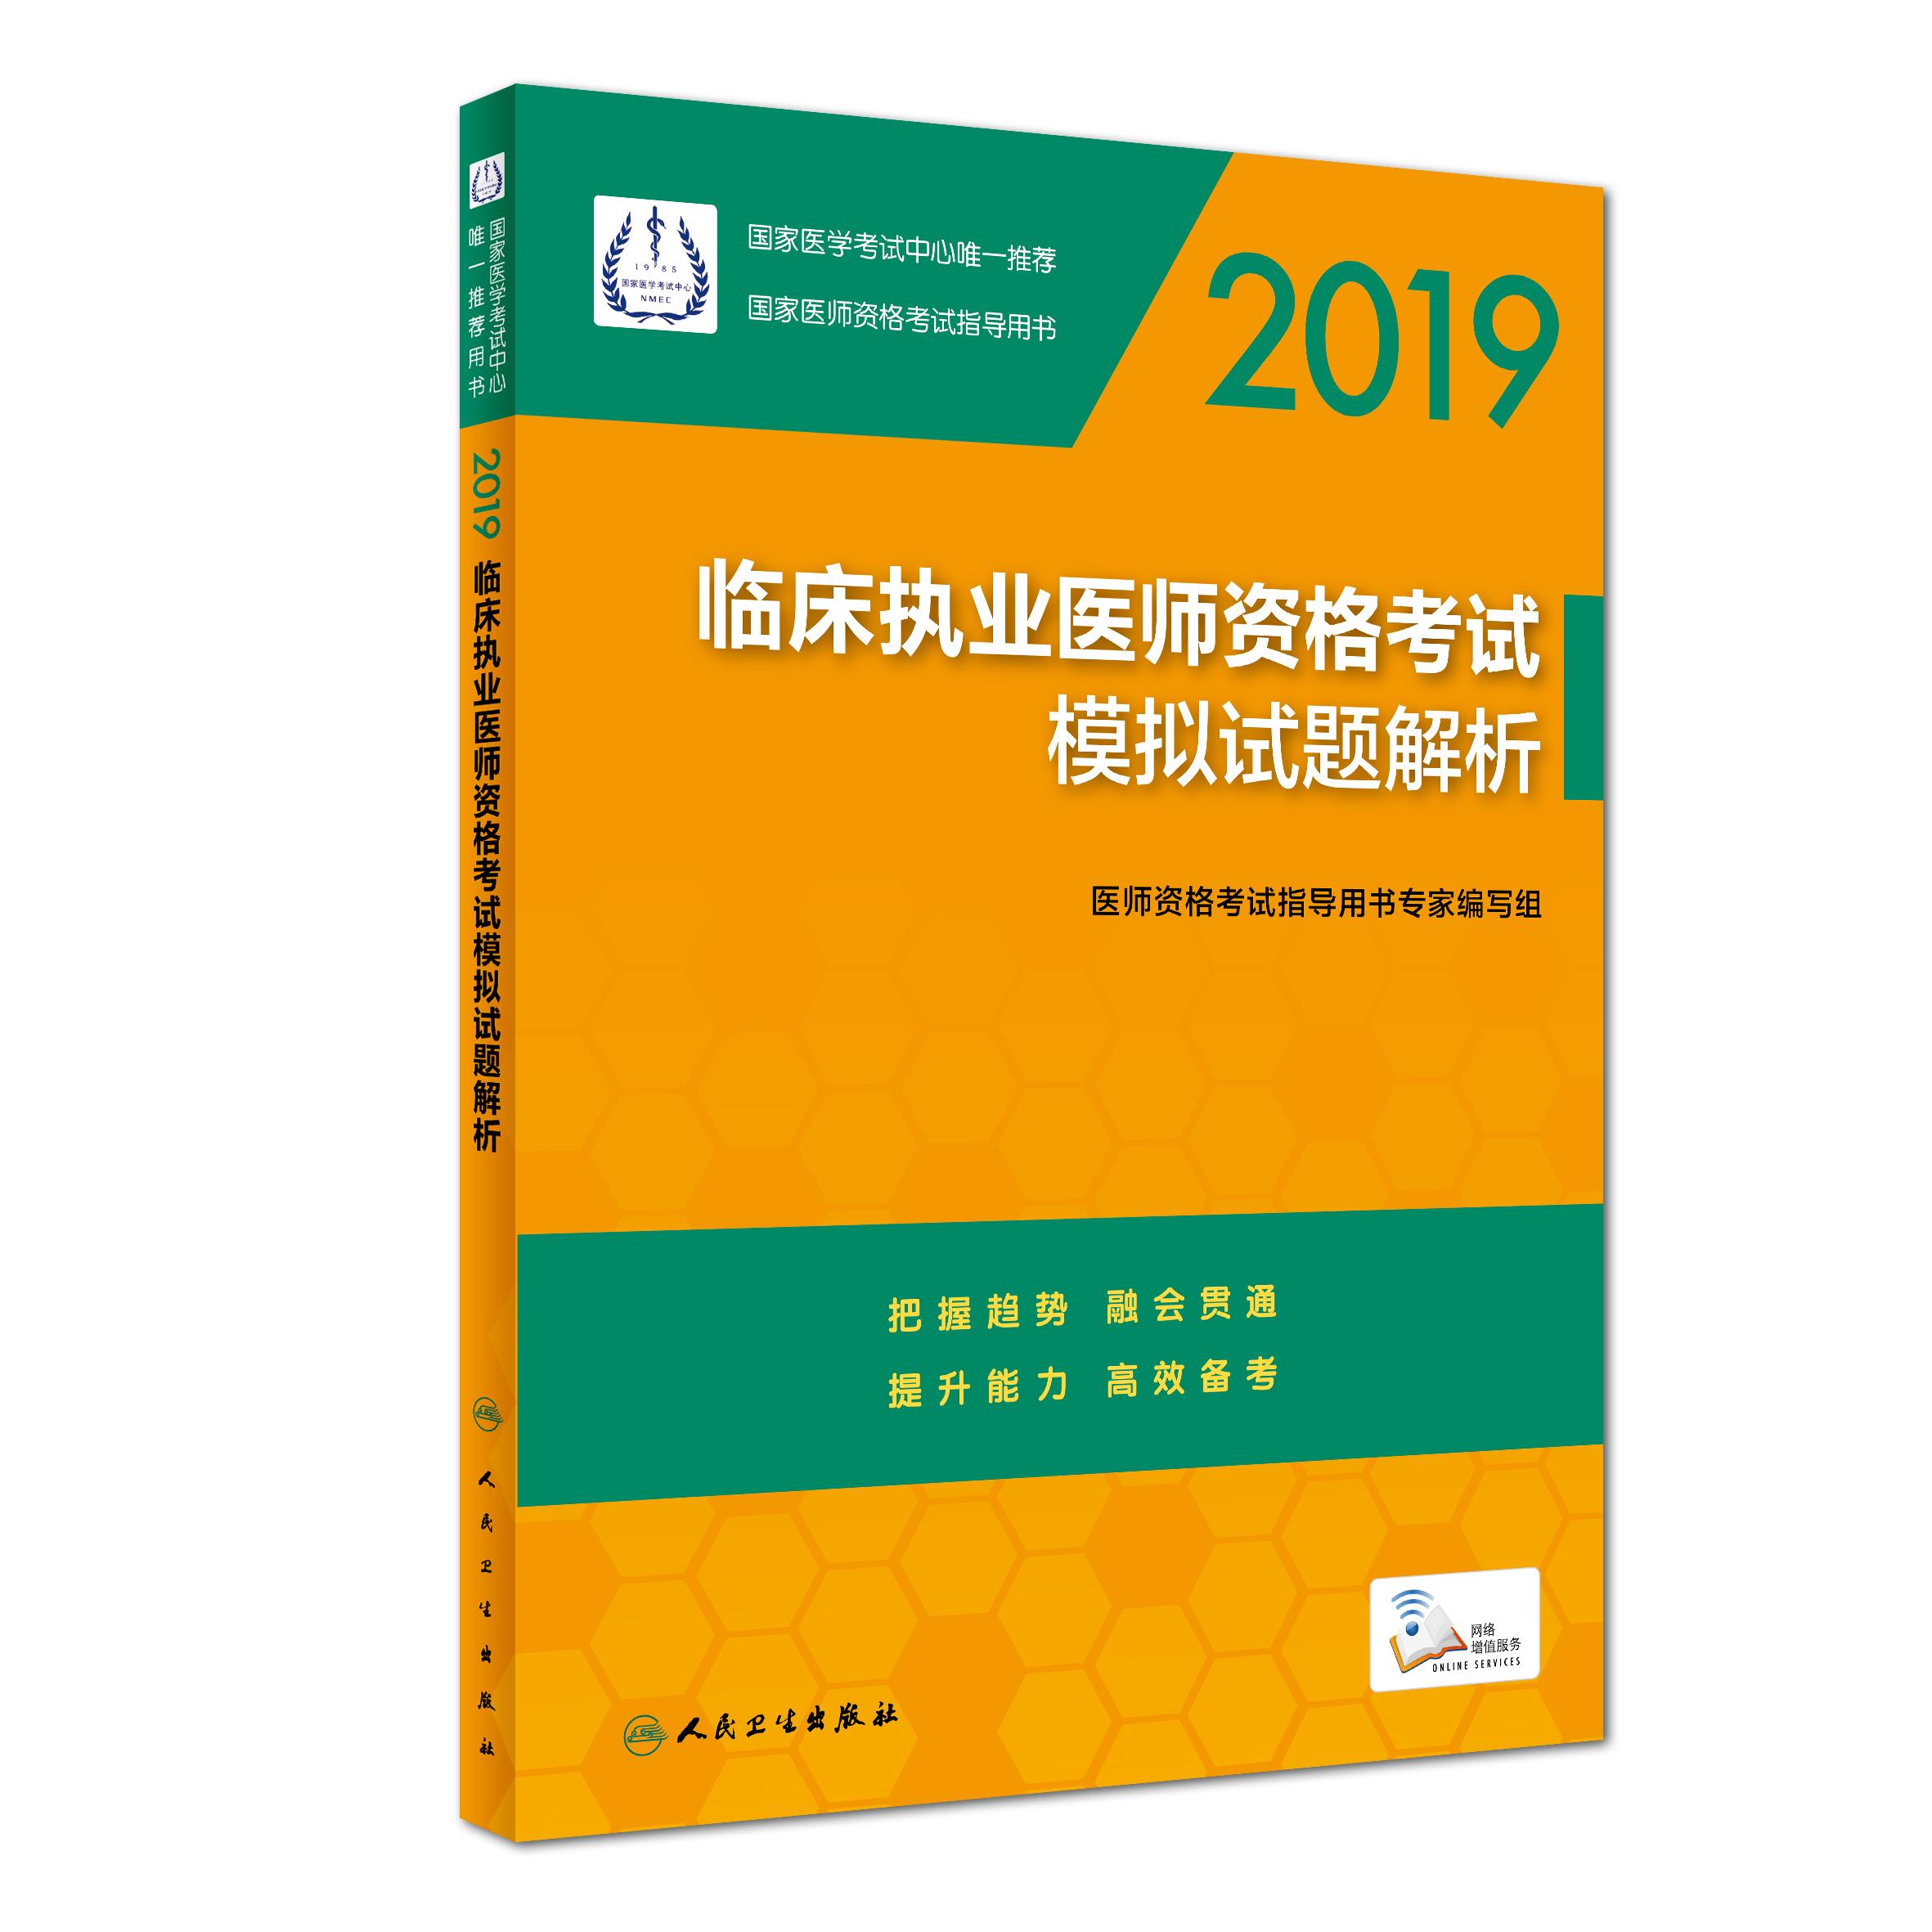 2019  临床执业医师资格考试模拟试题解析